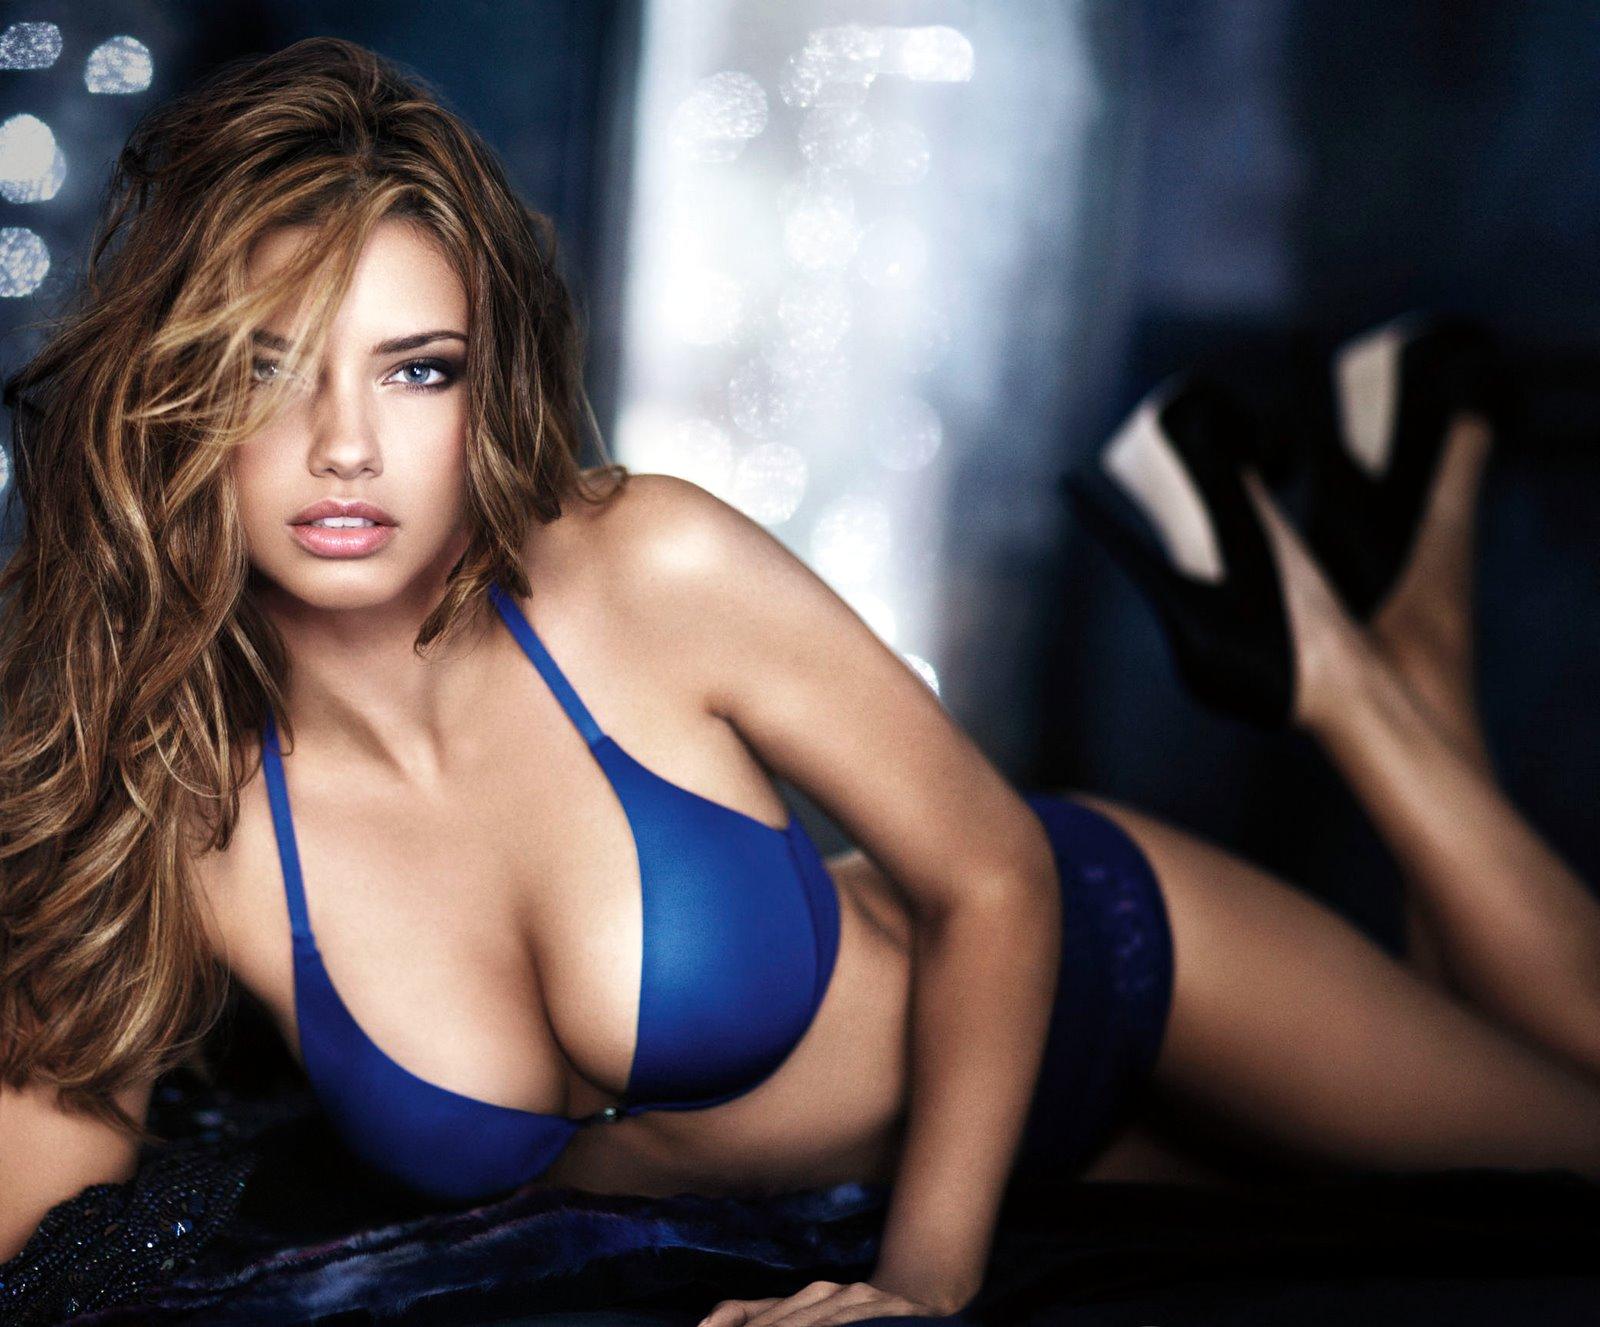 http://1.bp.blogspot.com/-q6VhQH99FfQ/ToSpuMkcDyI/AAAAAAAAALU/T8wy3lzj5wU/s1600/Adriana_Lima_10100002.jpg